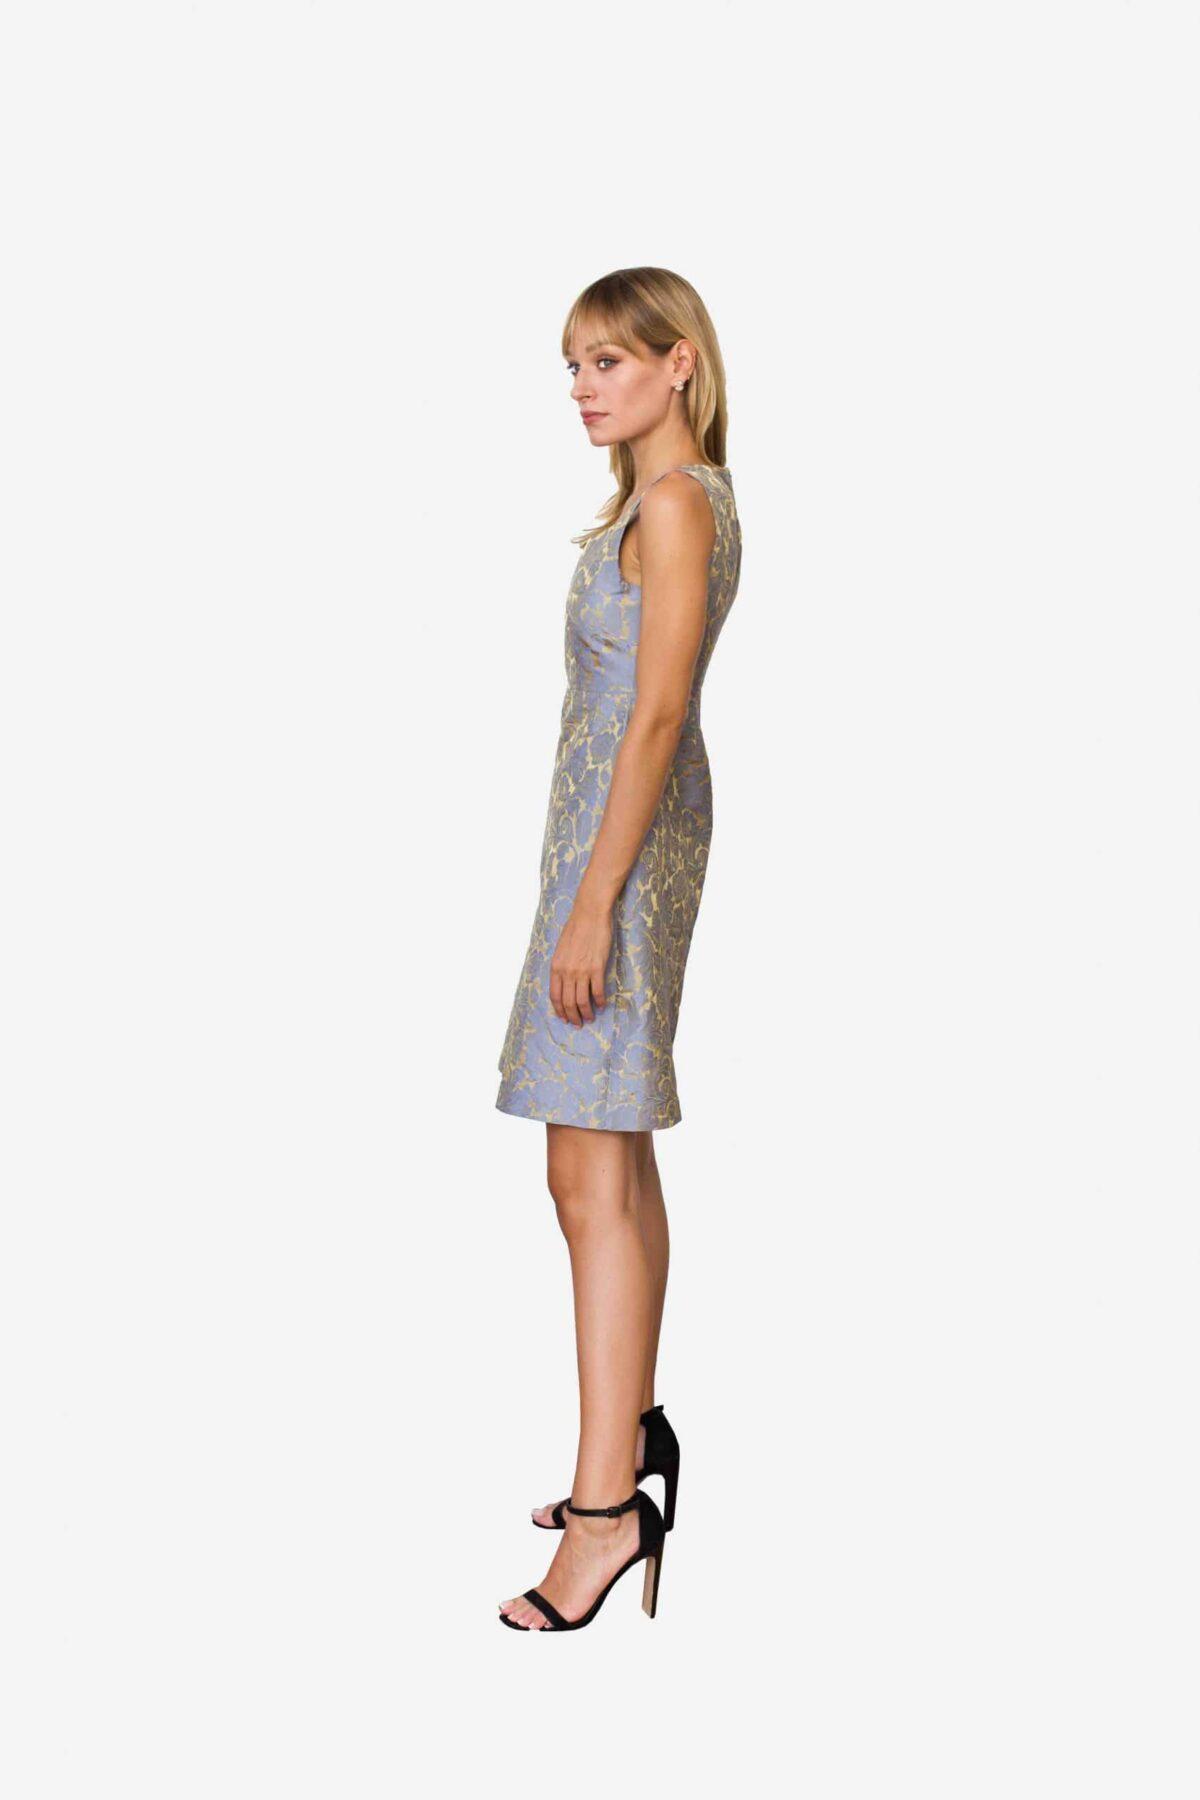 Kleid Madeleine von SANOGE. Elegantes Etuikleid aus Jacquard Stoff in blau und gold. Knielang.